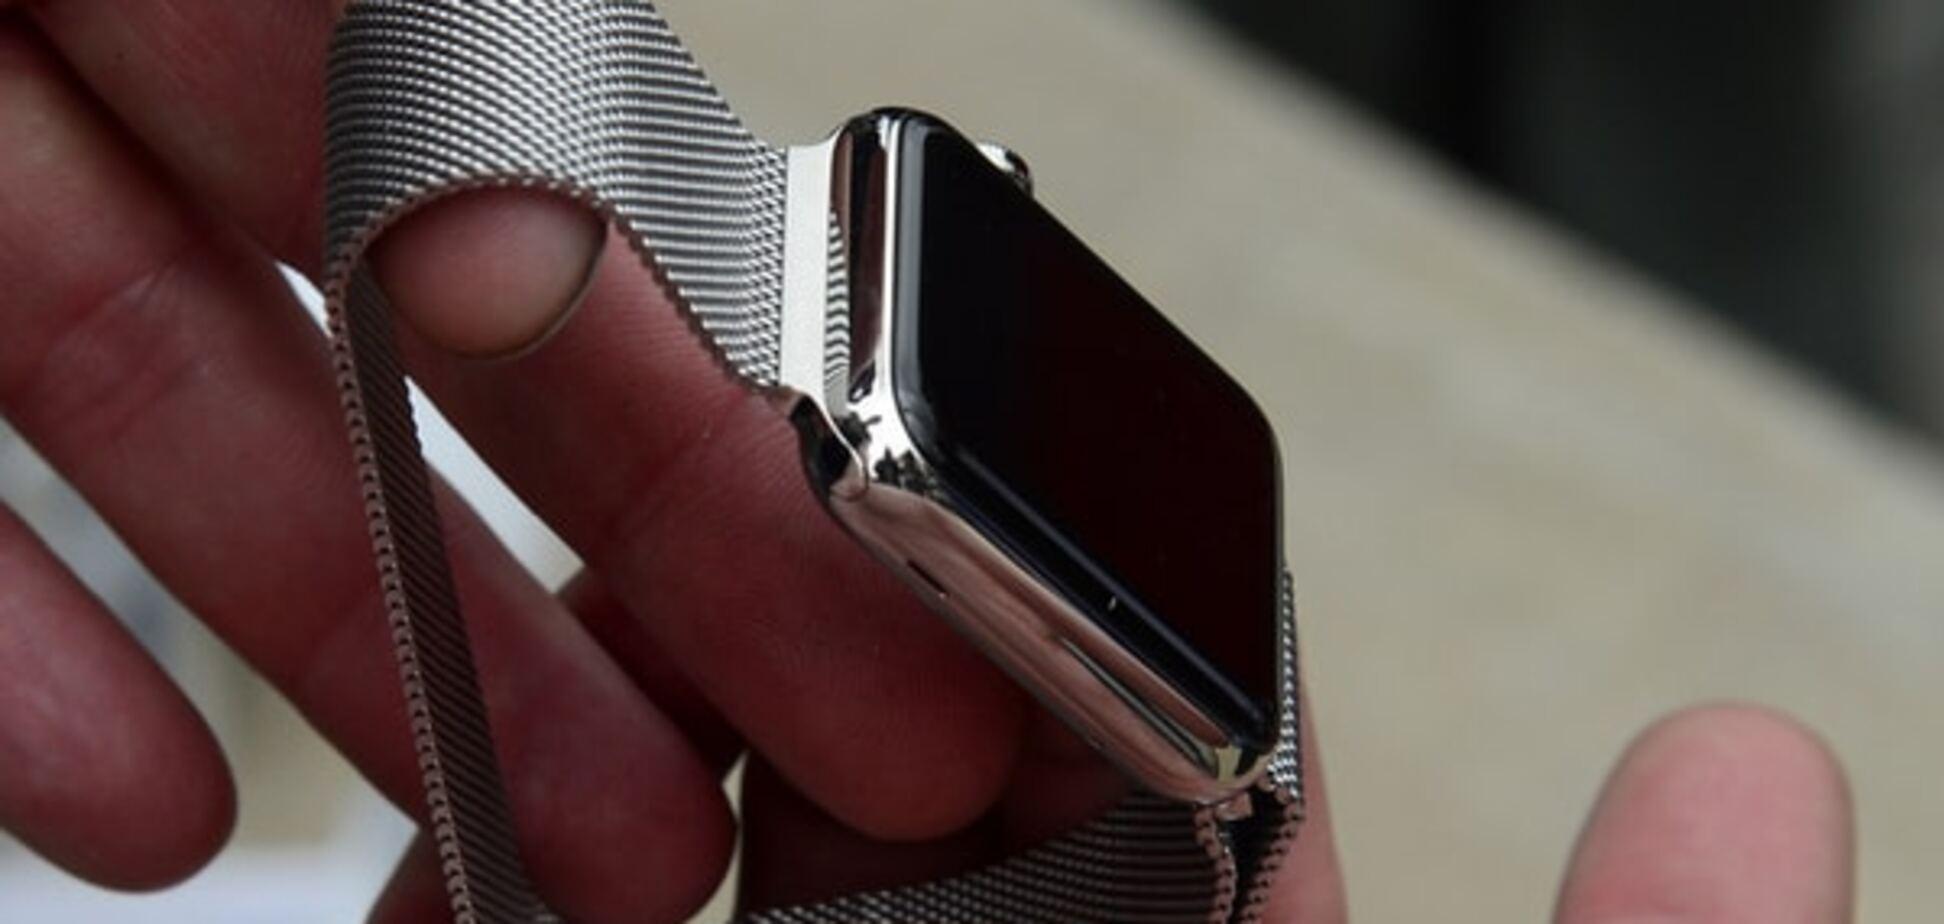 От Порошенко до Кличко и Гройсмана: у политиков мода на 'умные' часы Apple